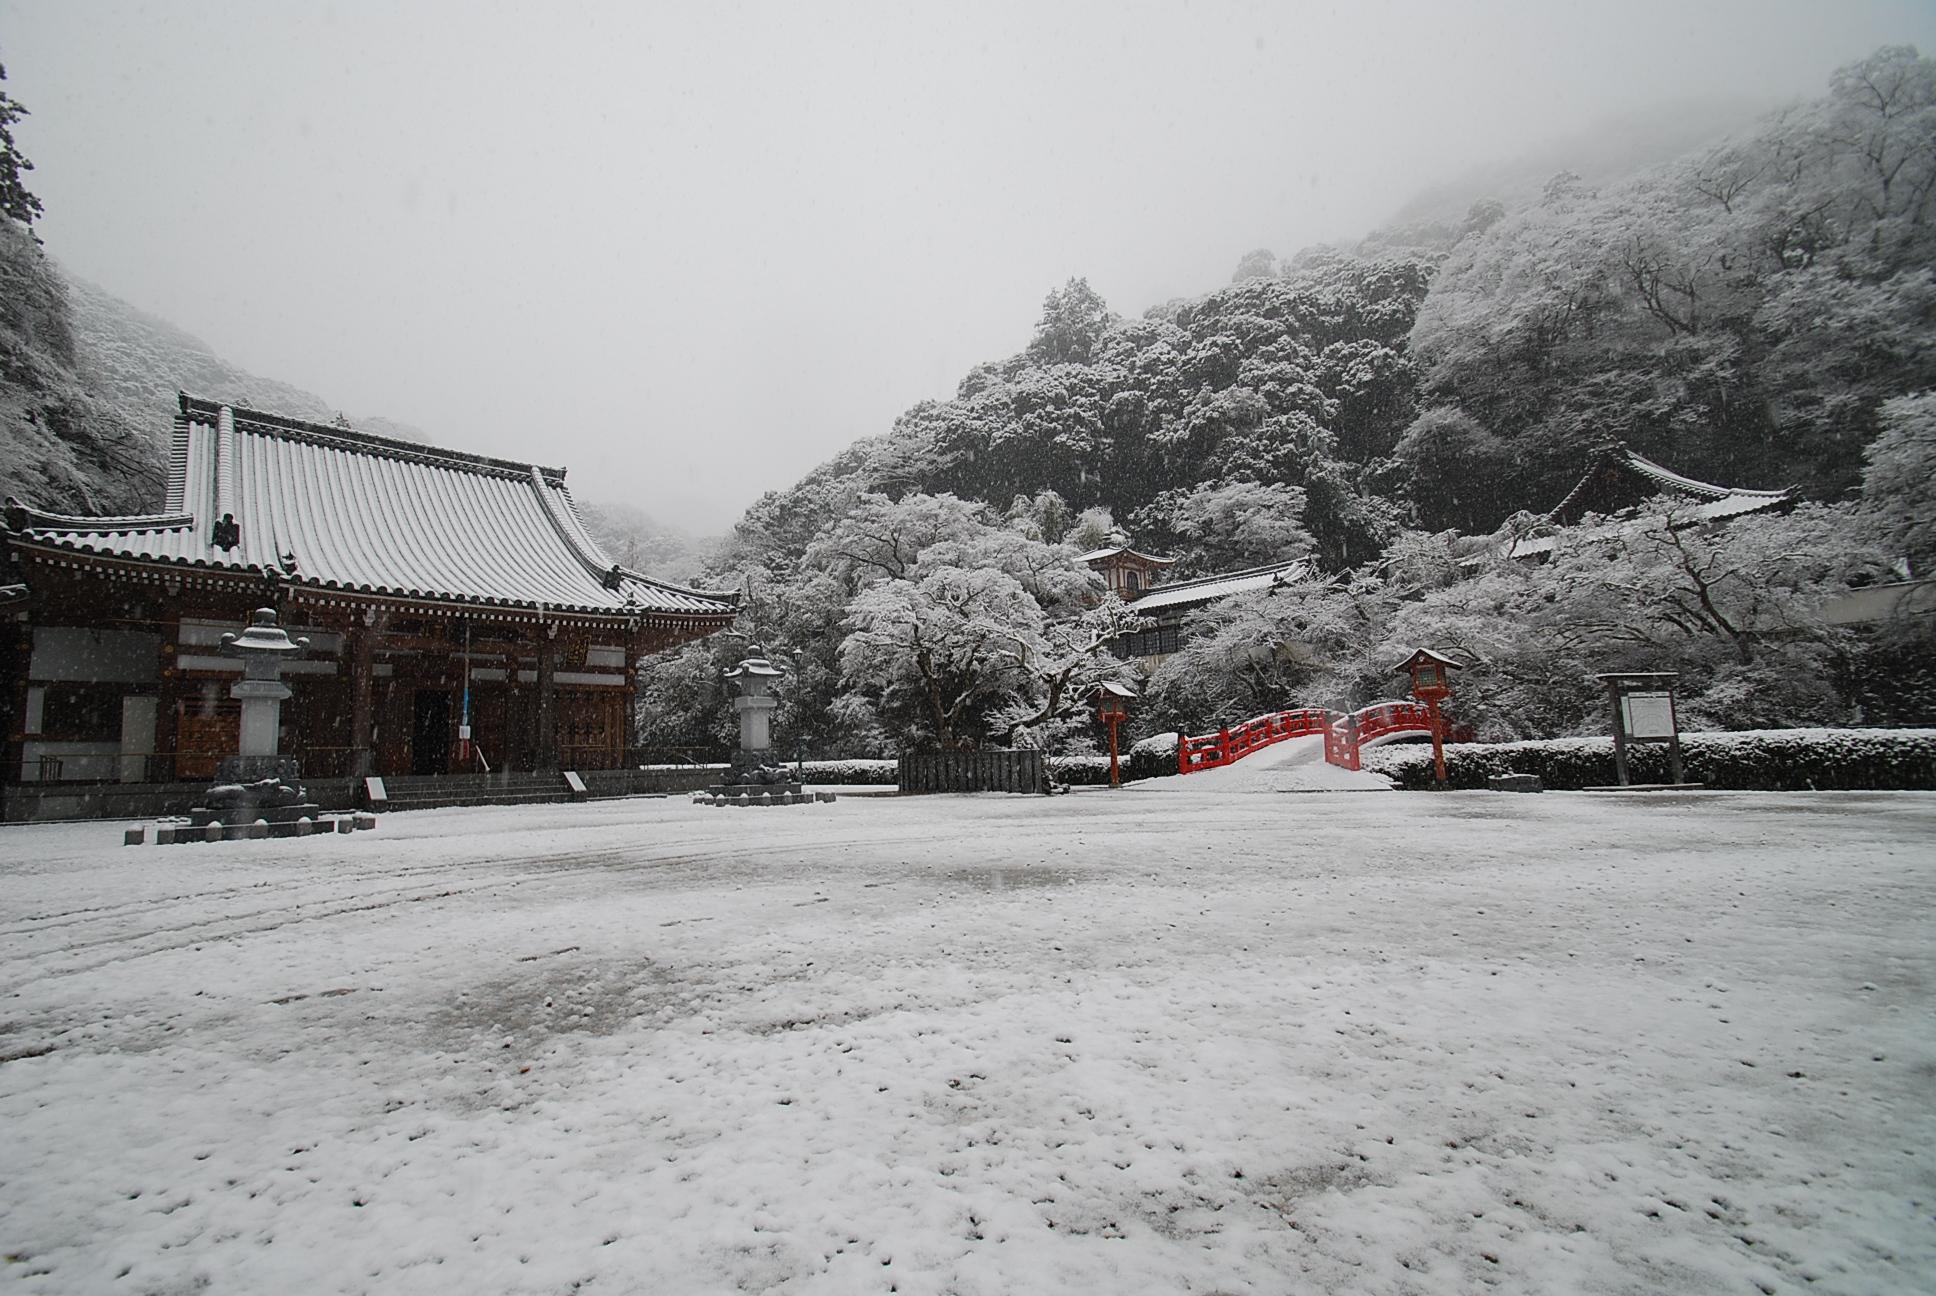 箕面山 瀧安寺 境内